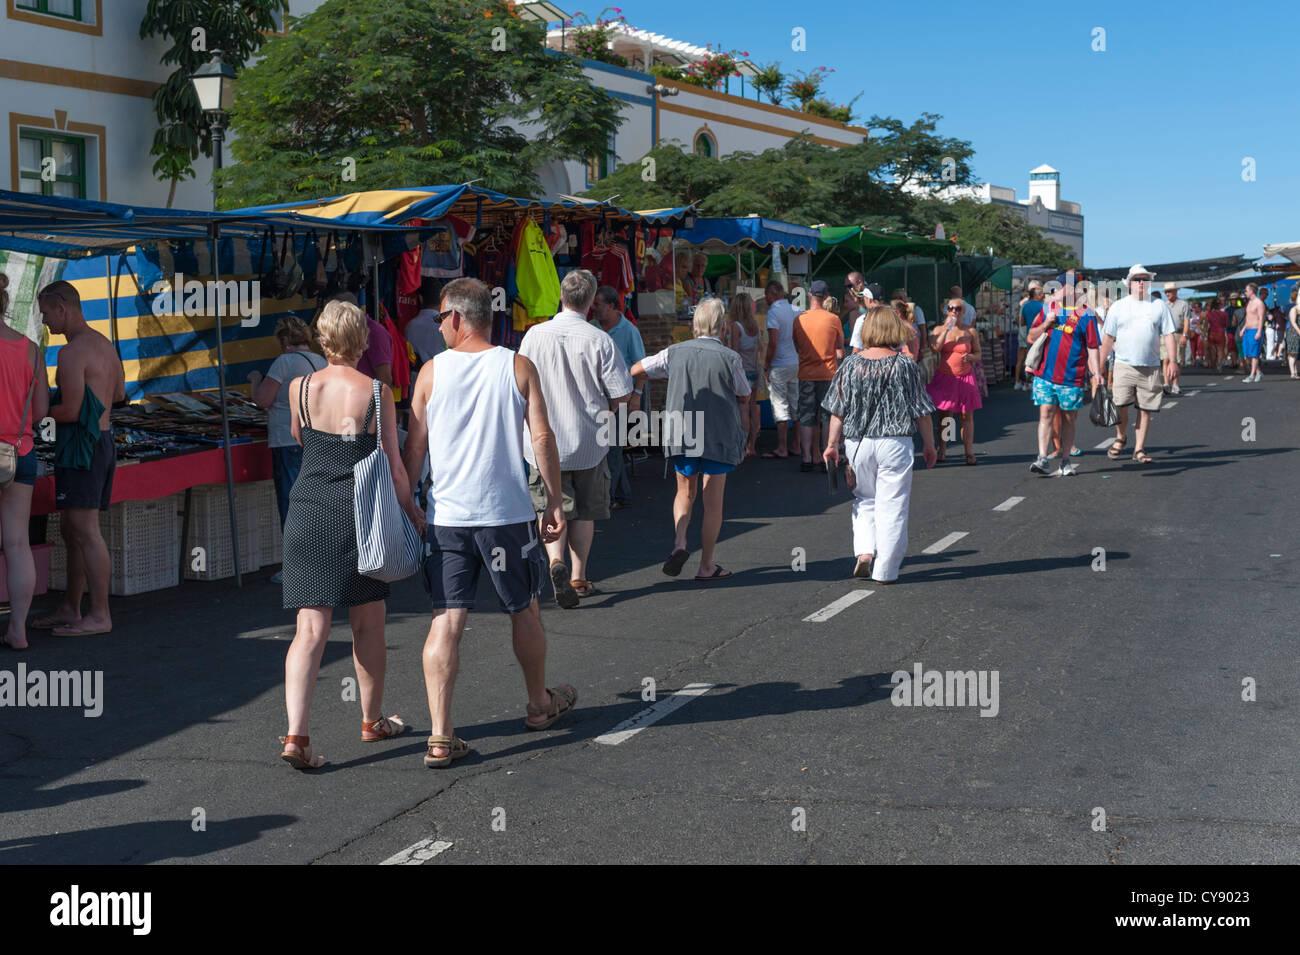 Menschen, die Einkaufen auf dem Markt in Puerto de Mogan Gran Canaria Kanaren Spanien Stockbild